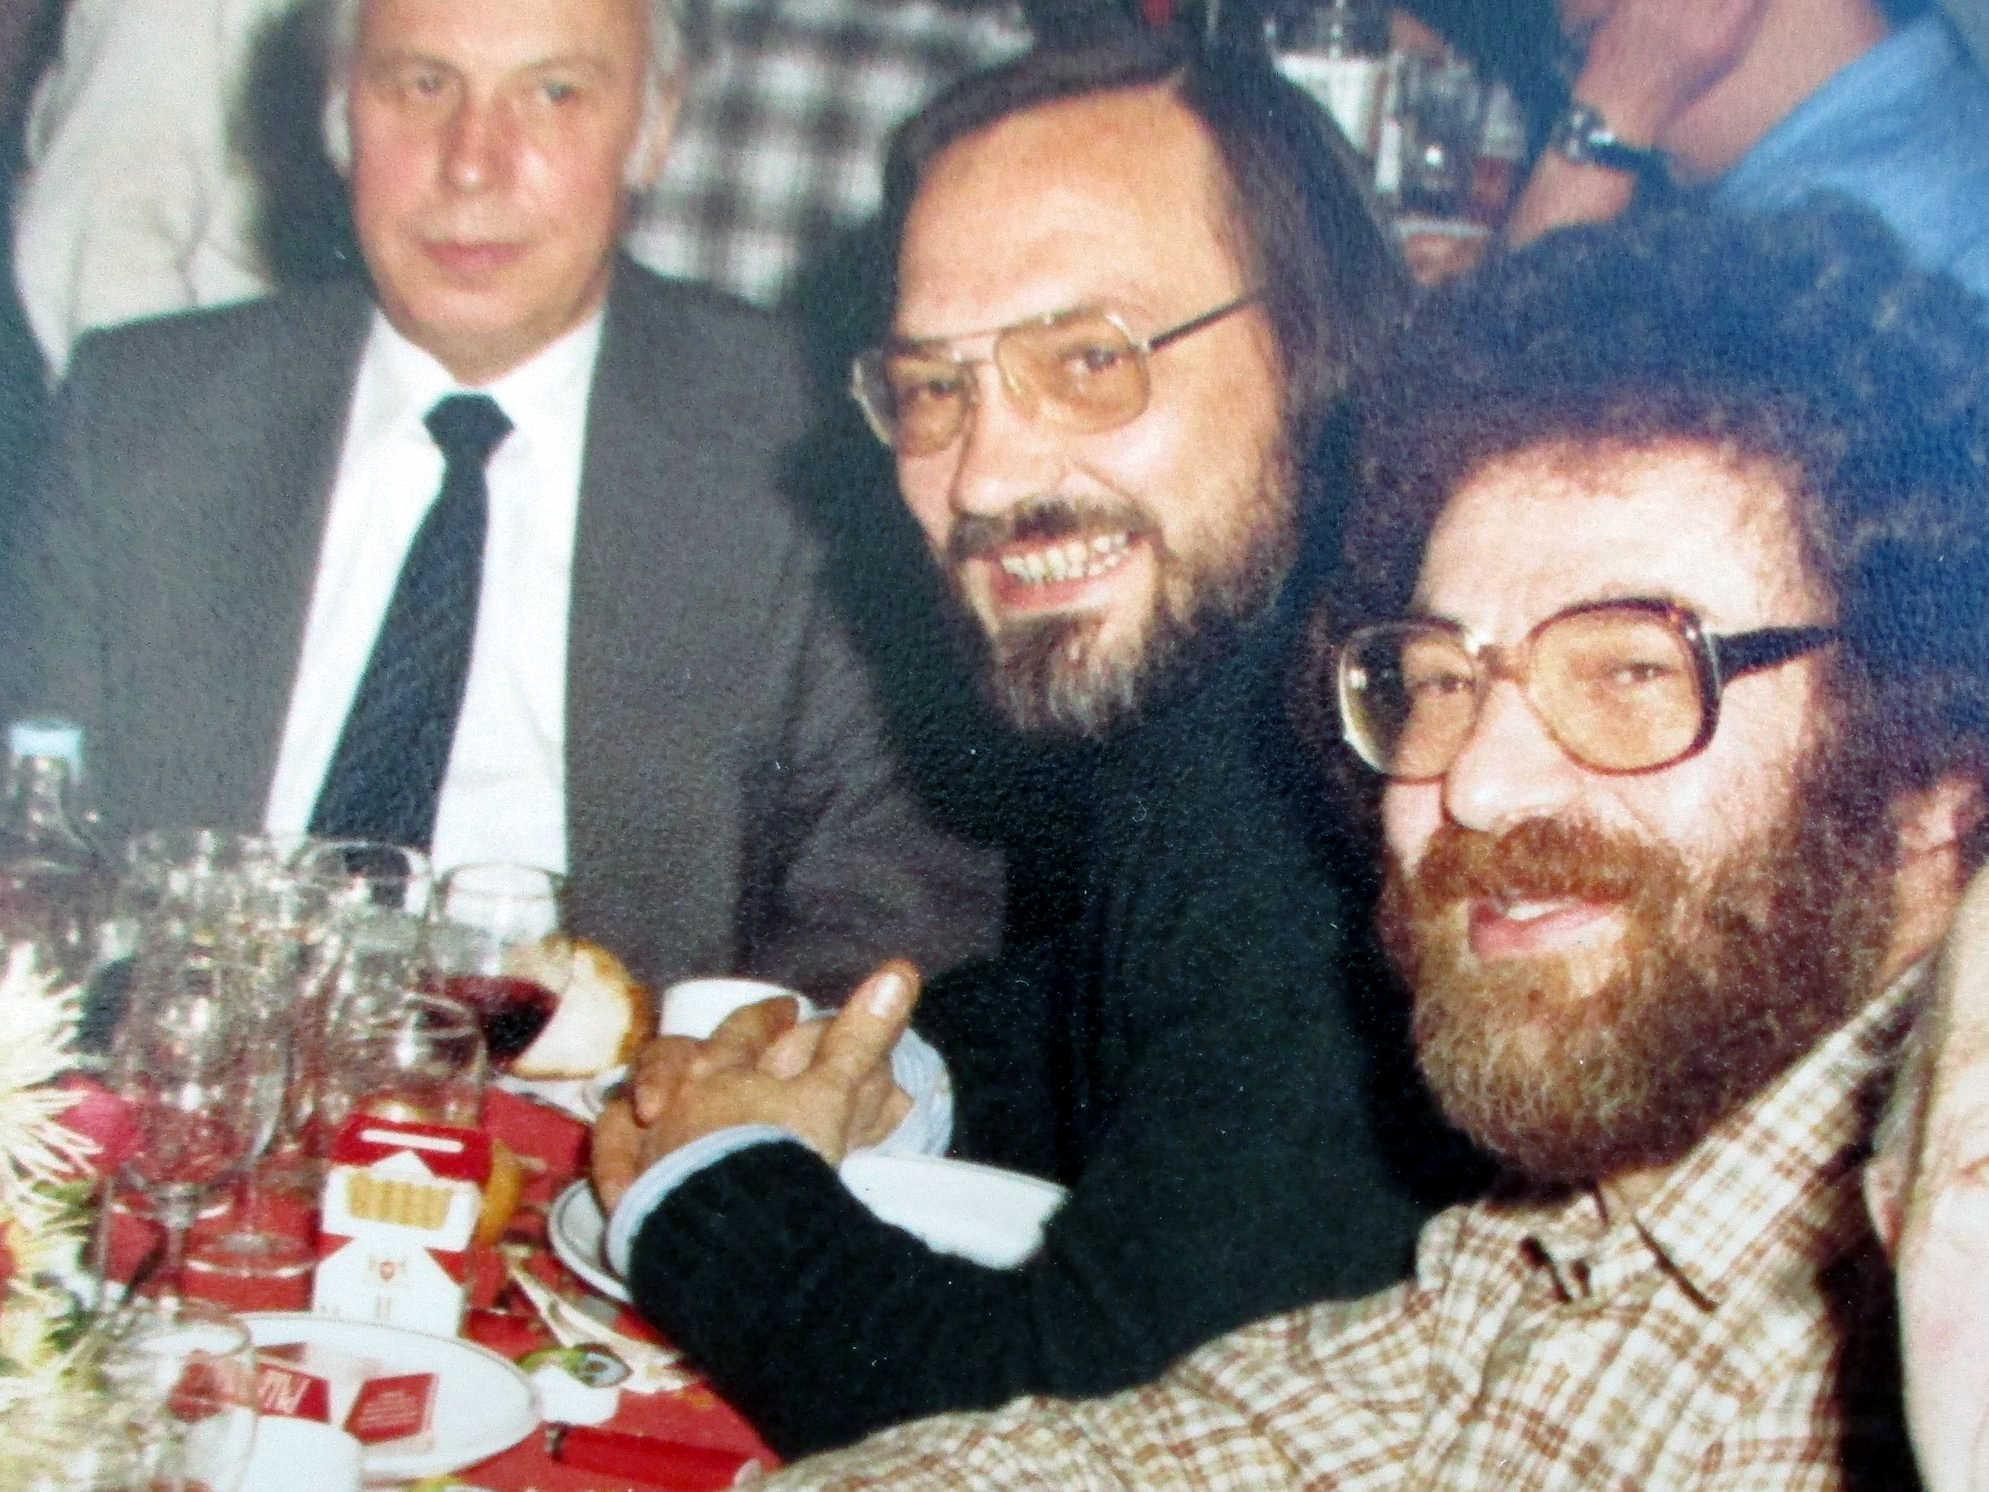 De dreta a esquerra: Michel Tepernowski, Jacky Toublet i André Devriendt